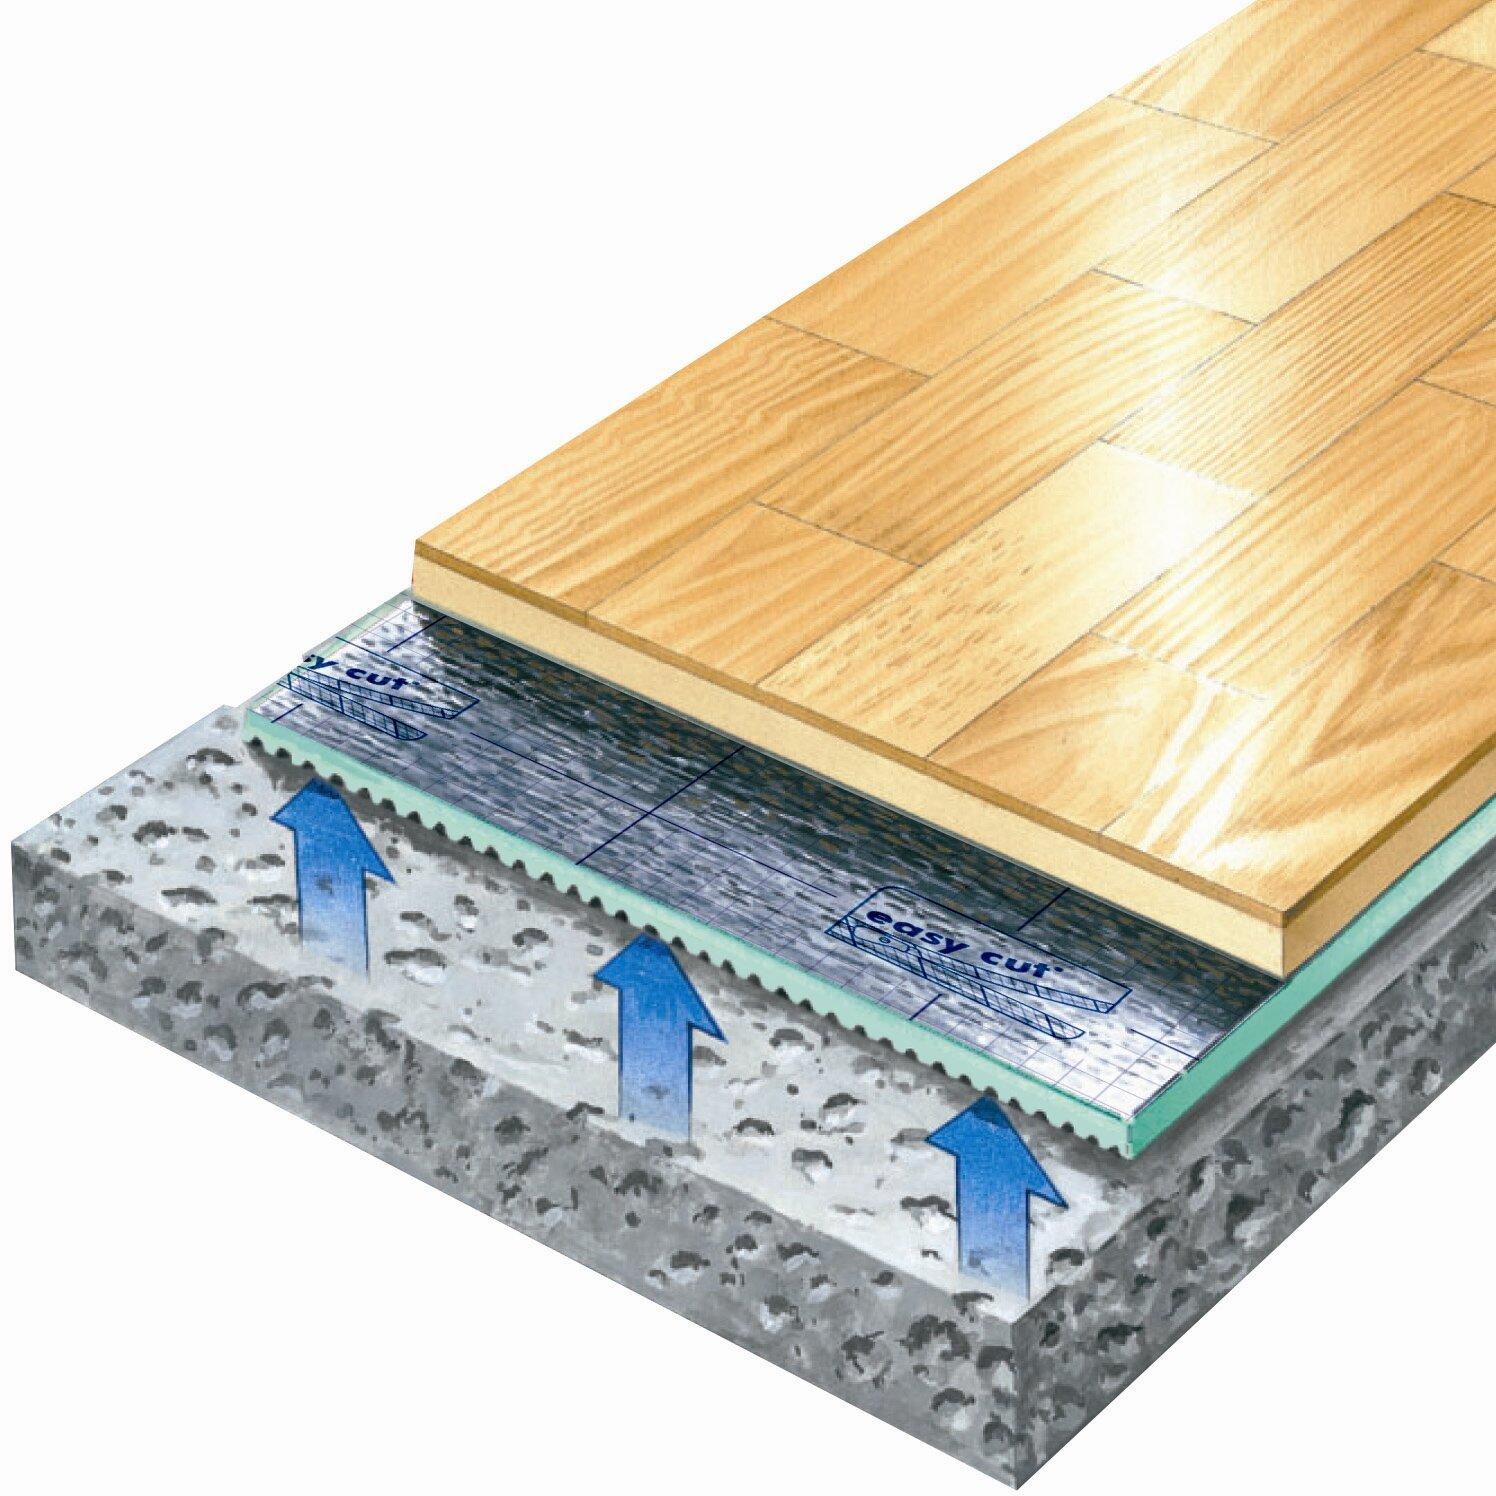 Hardwood Floor Underlayment arcade green 100 sq ft standard 15 mm flooring underlayment Selitac Underlayment 100 Sqftroll